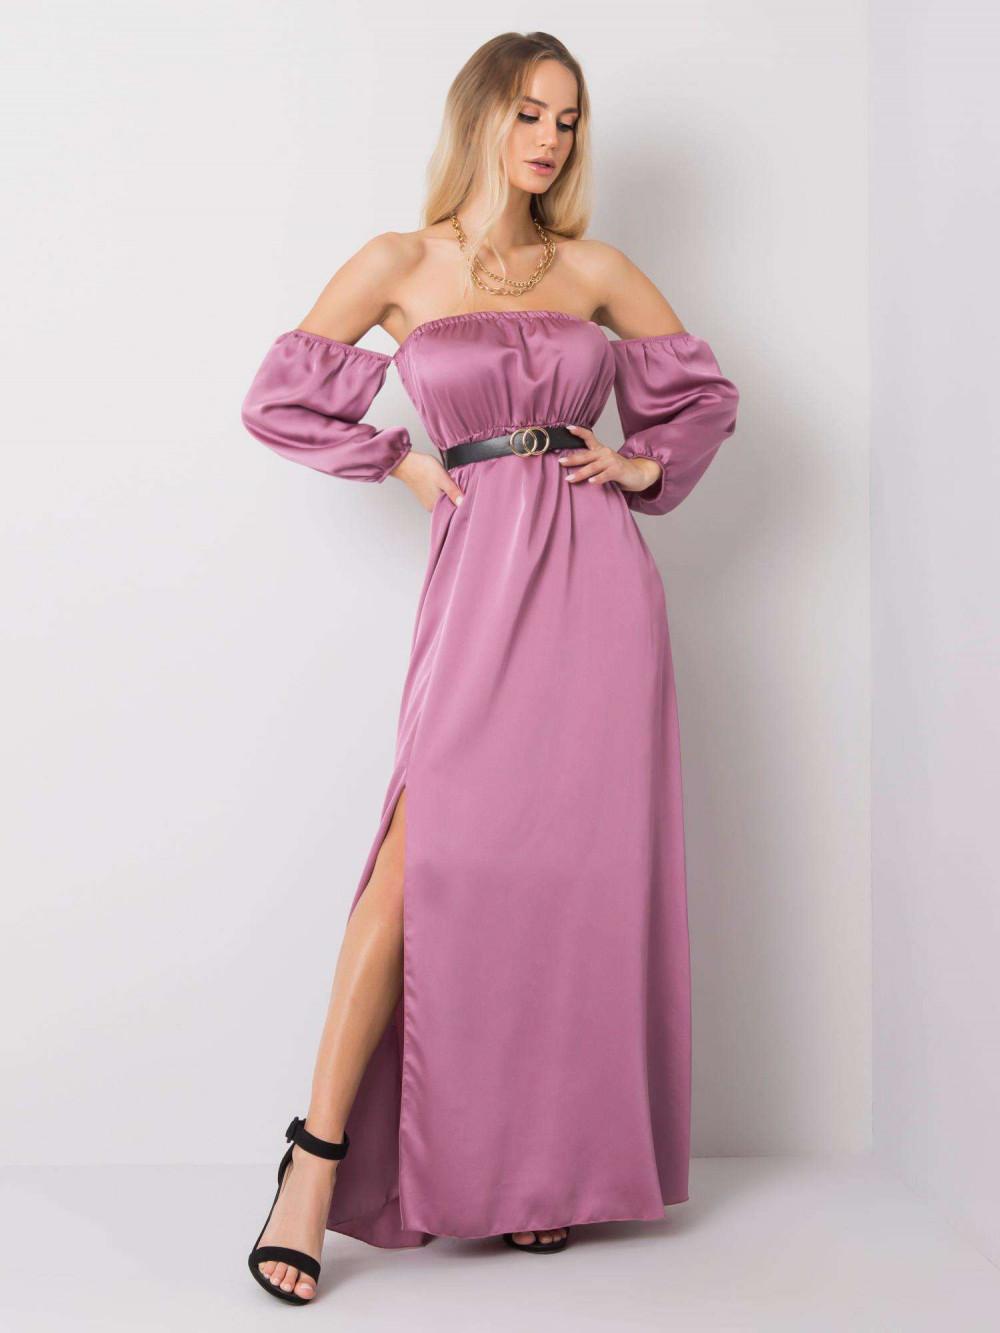 Fioletowa sukienka hiszpanka z wycięciem na nogę maxi Scarlett 1